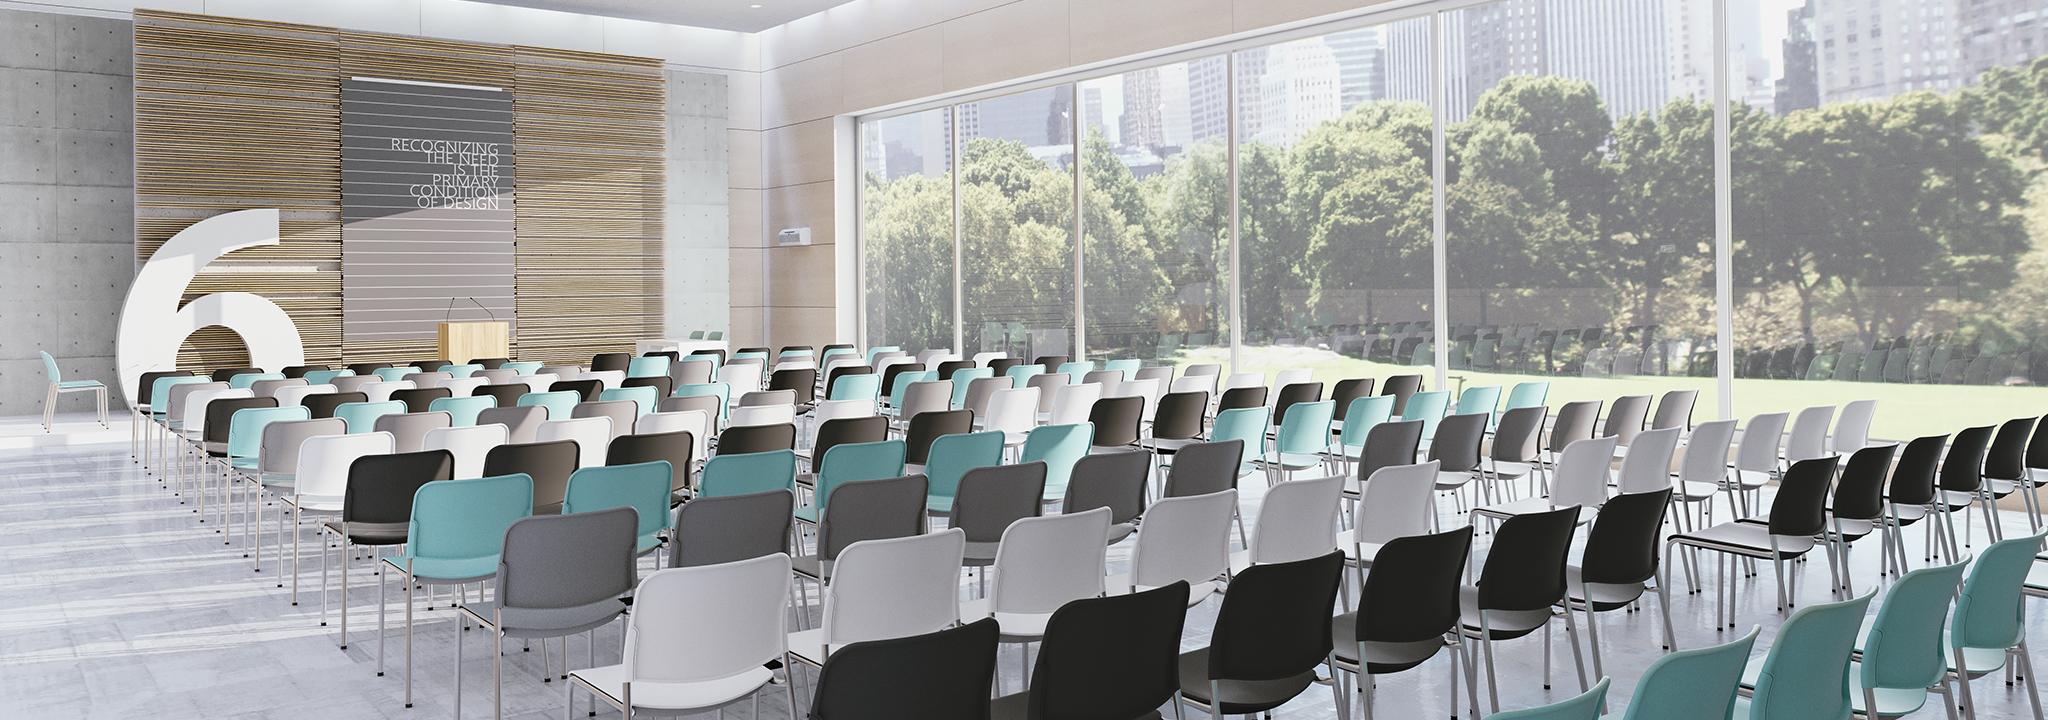 Möbel für Besprechungen und Konferenzen - ALLTEC Bürokonzept bietet viele Konferenzmöbel für Unternehmen